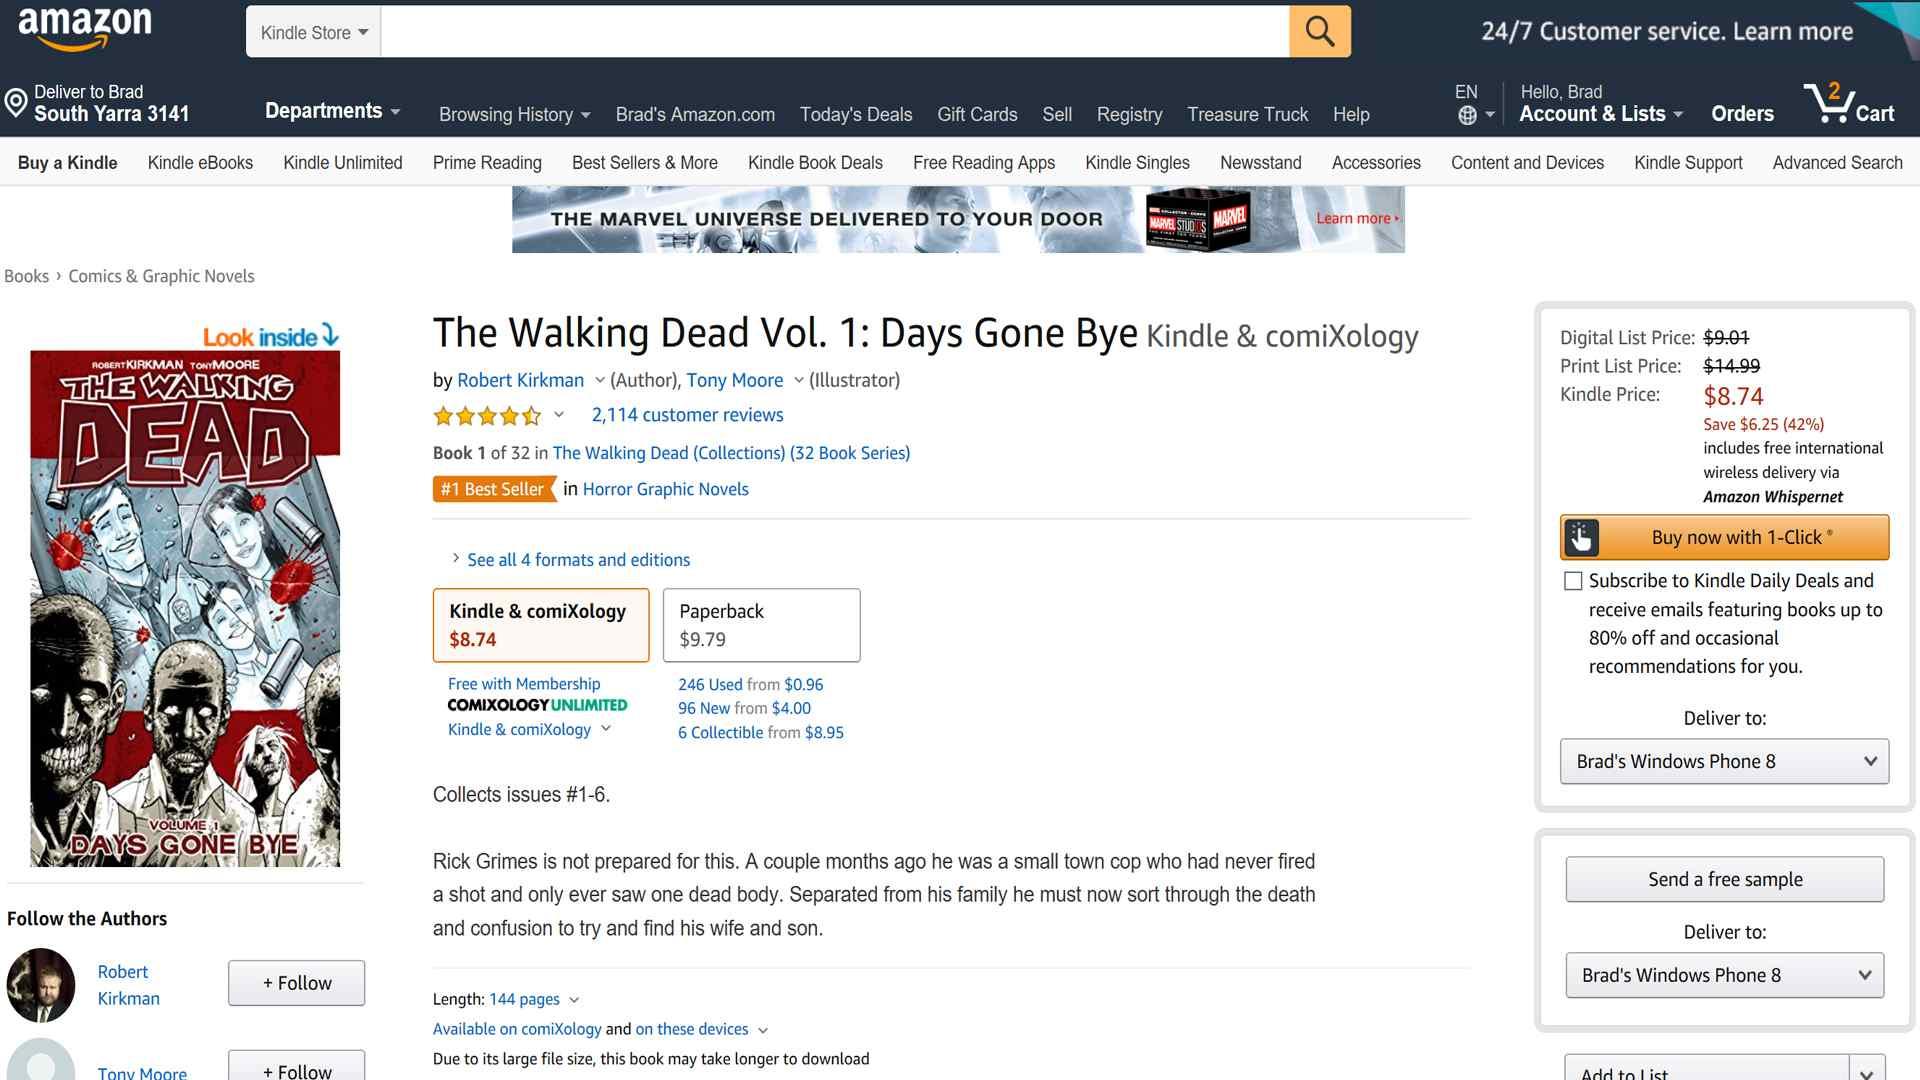 Walking Dead digital comic book on Amazon.